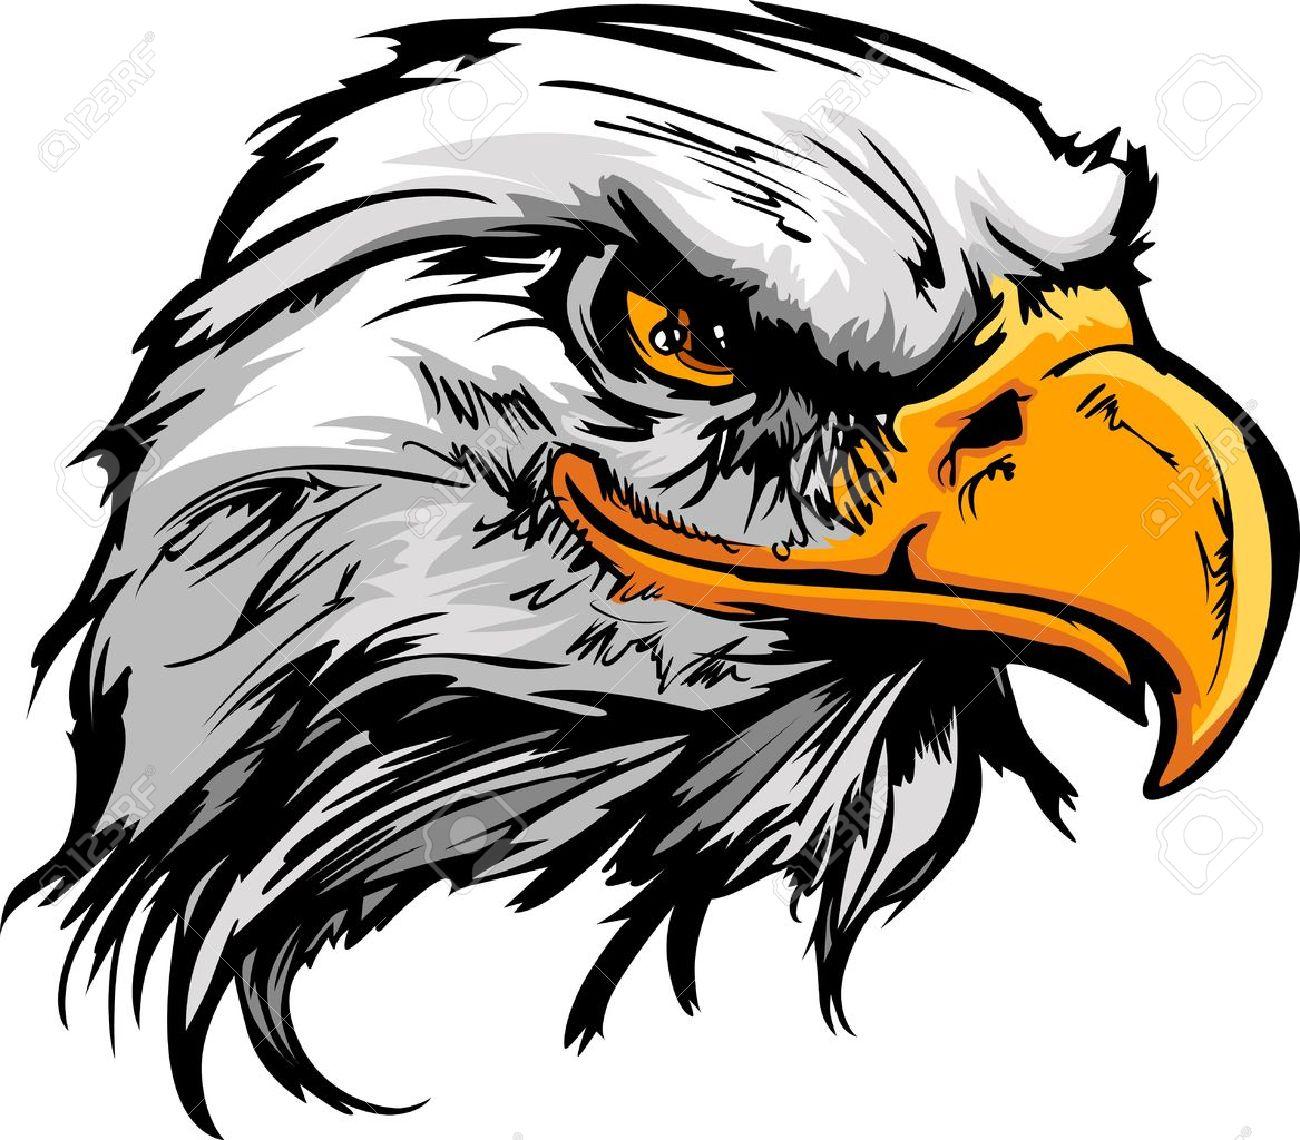 Eagle Head Bald Eagle or  Eagle Head Png